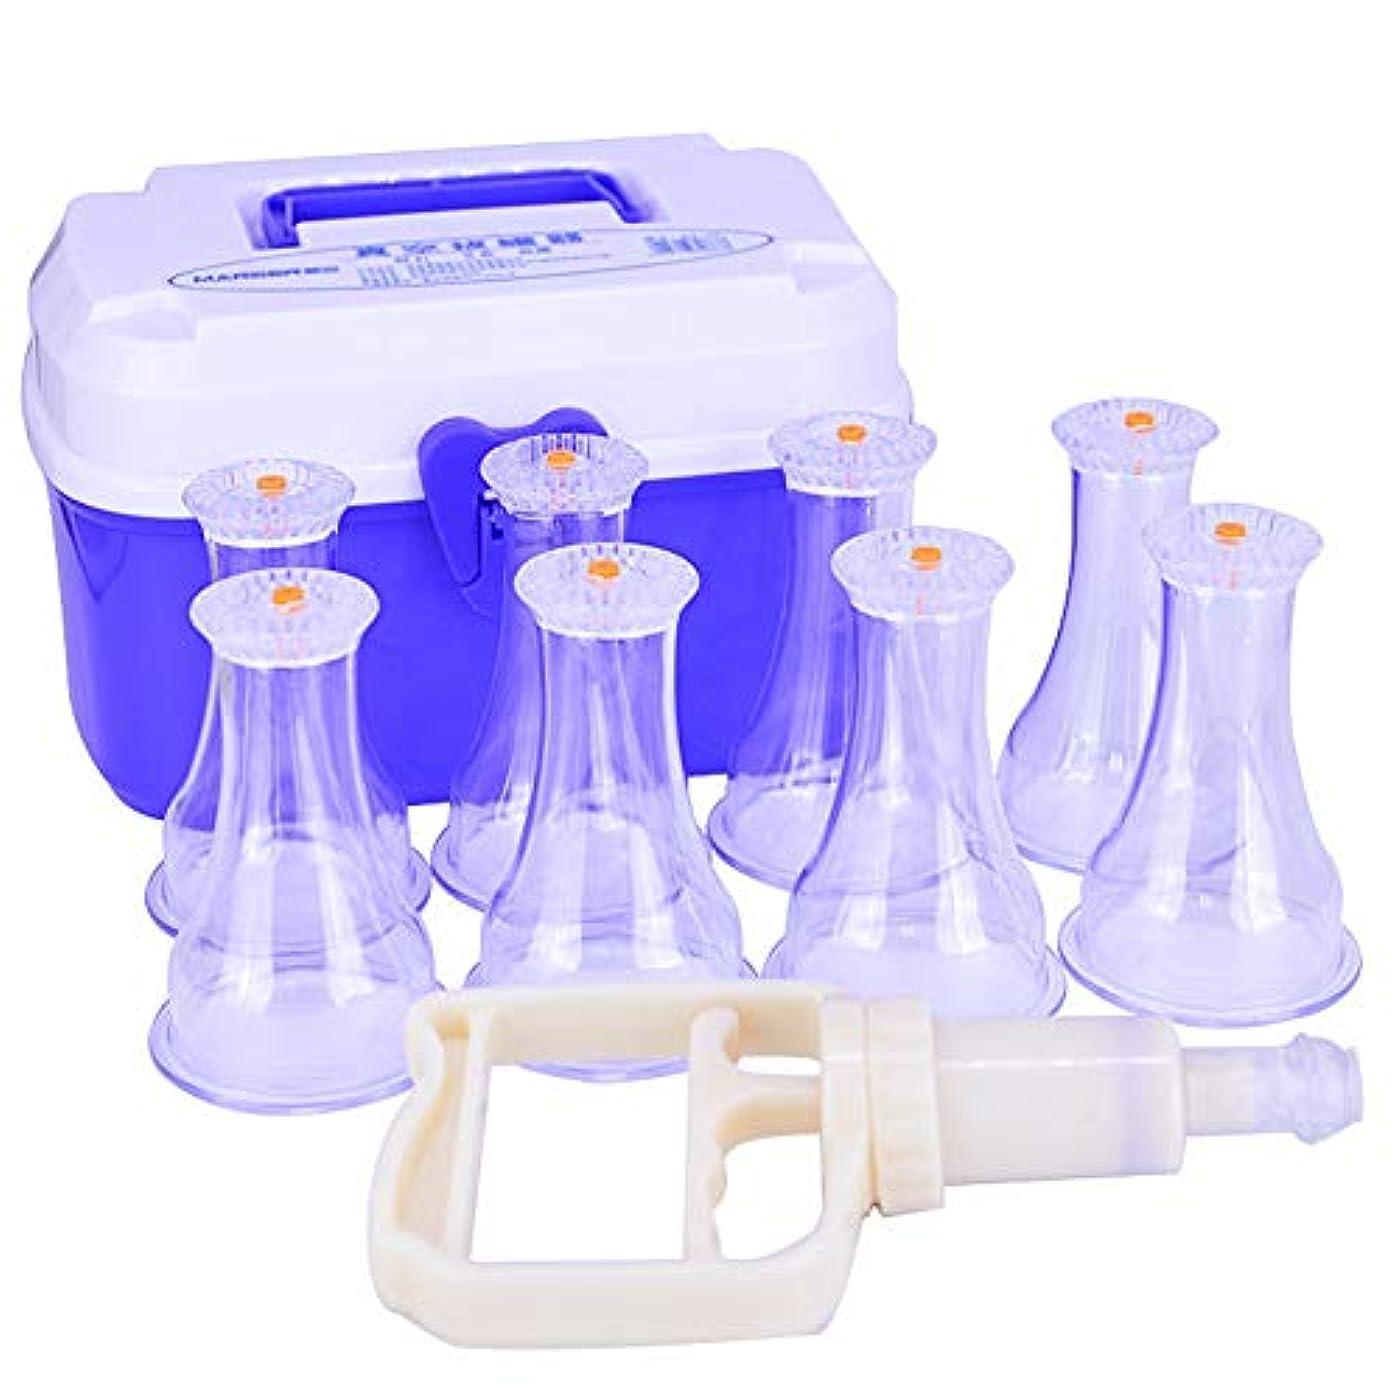 取得火薬小麦粉8カップカッピングセットプラスチック、真空吸引生体磁気中国療法カップ、収納ボックスポンプ付き医療、ボディマッサージの痛みを軽減する物理的排泄毒素